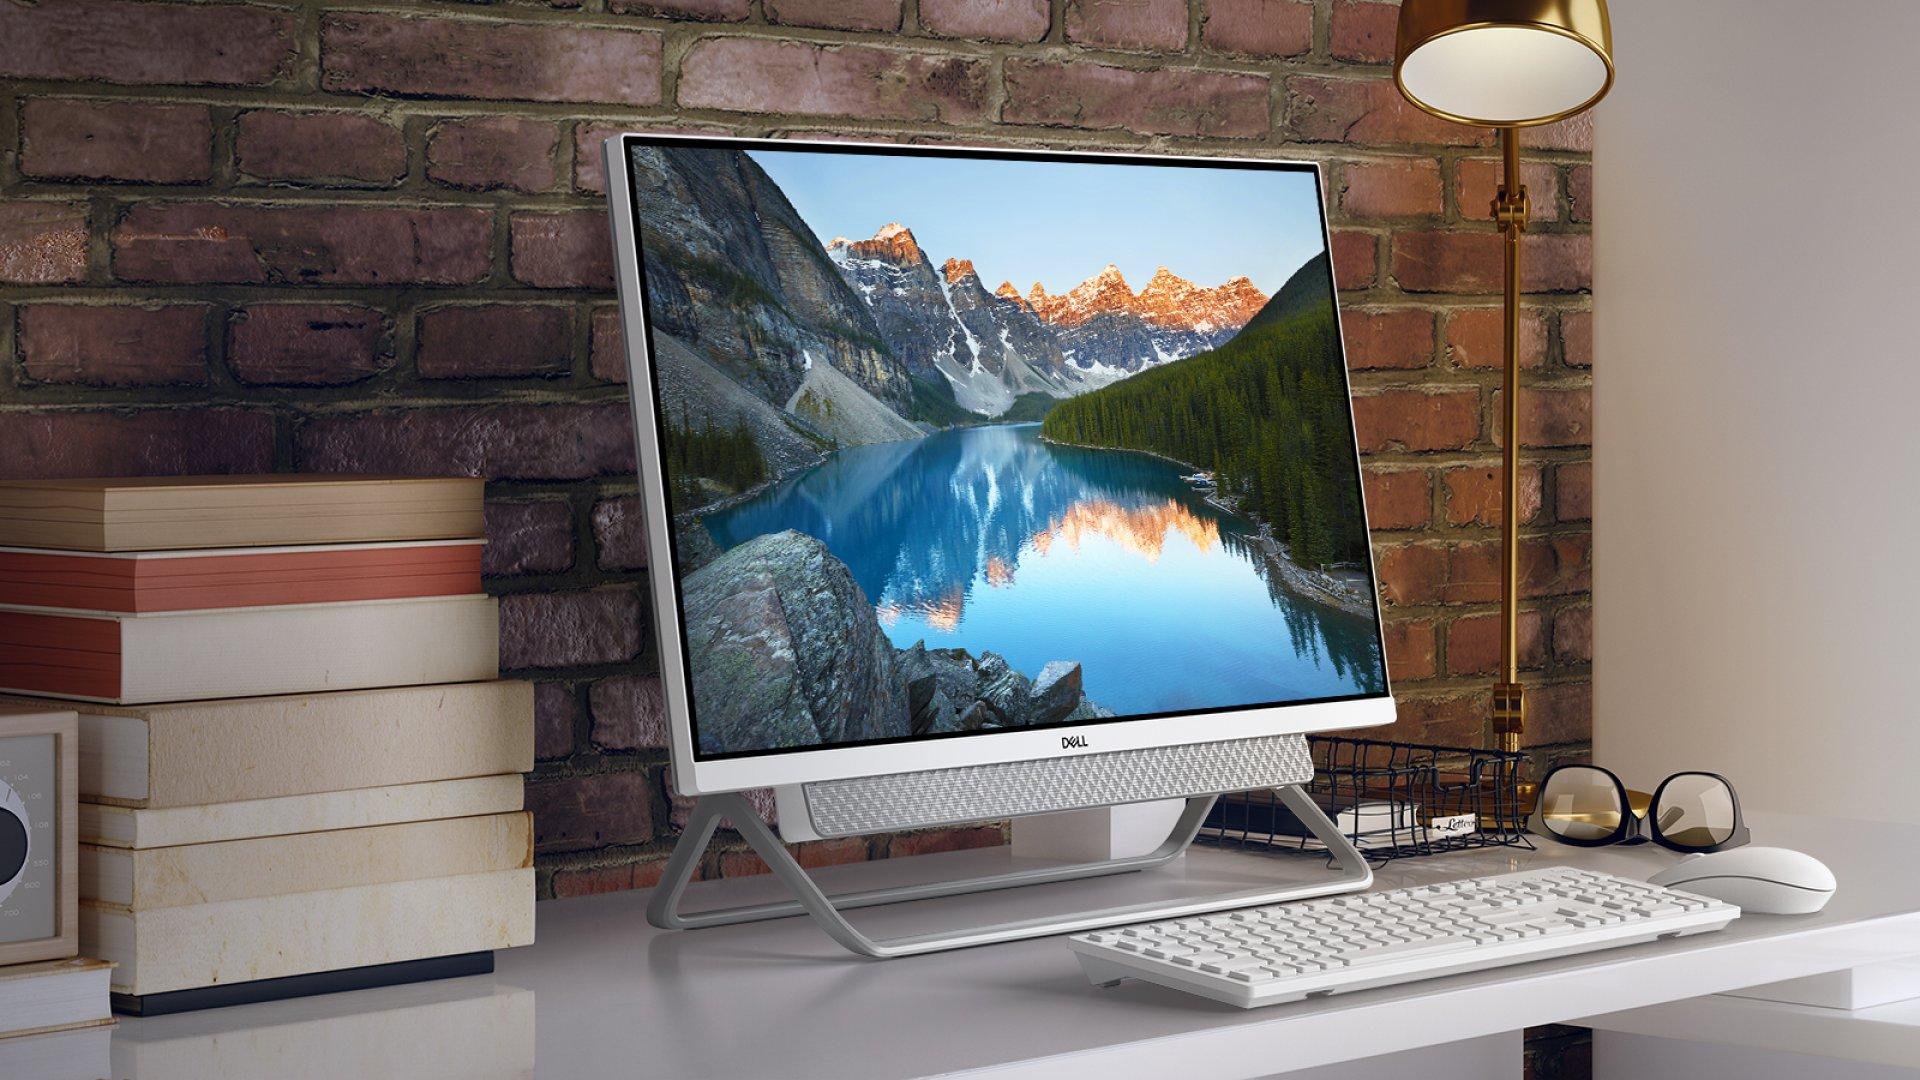 Komputer Tercanggih Untuk Membantu Pekerjaan Anda